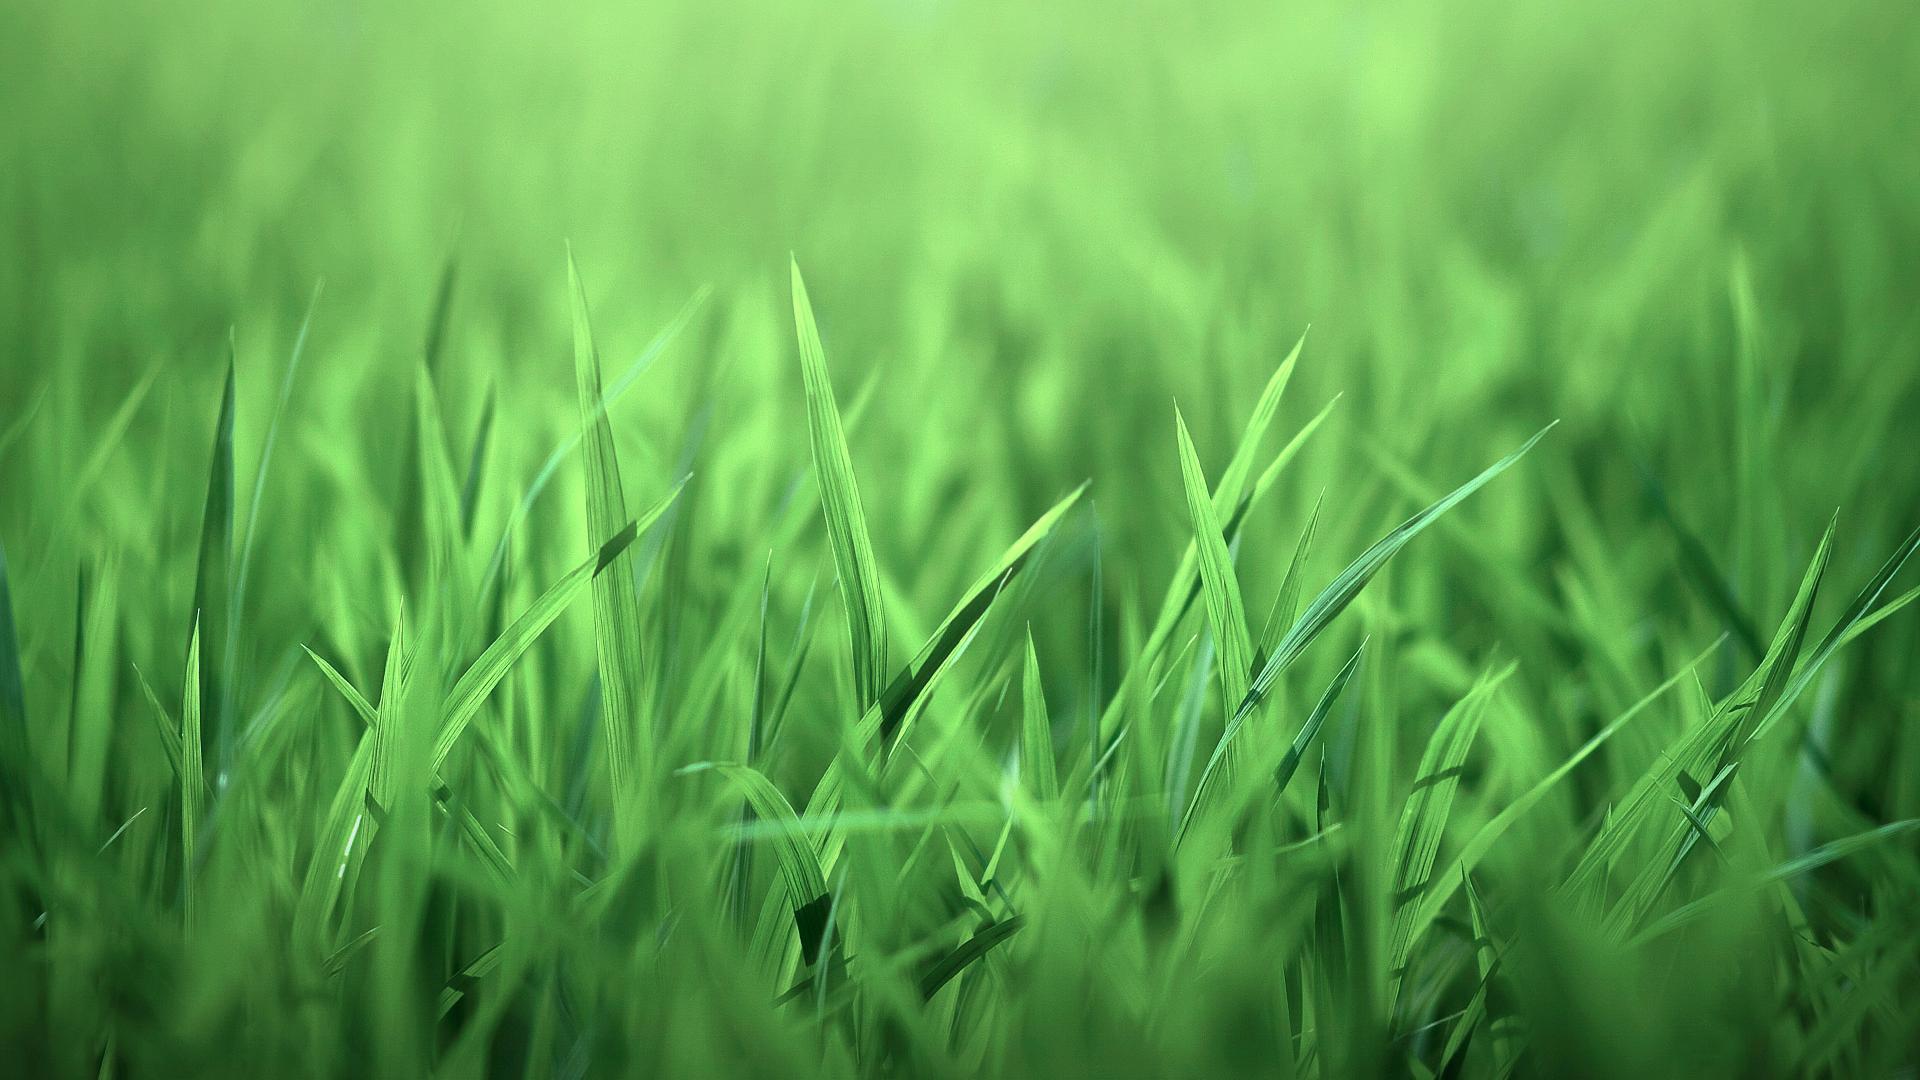 Phông thảm cỏ xanh lá tươi mát